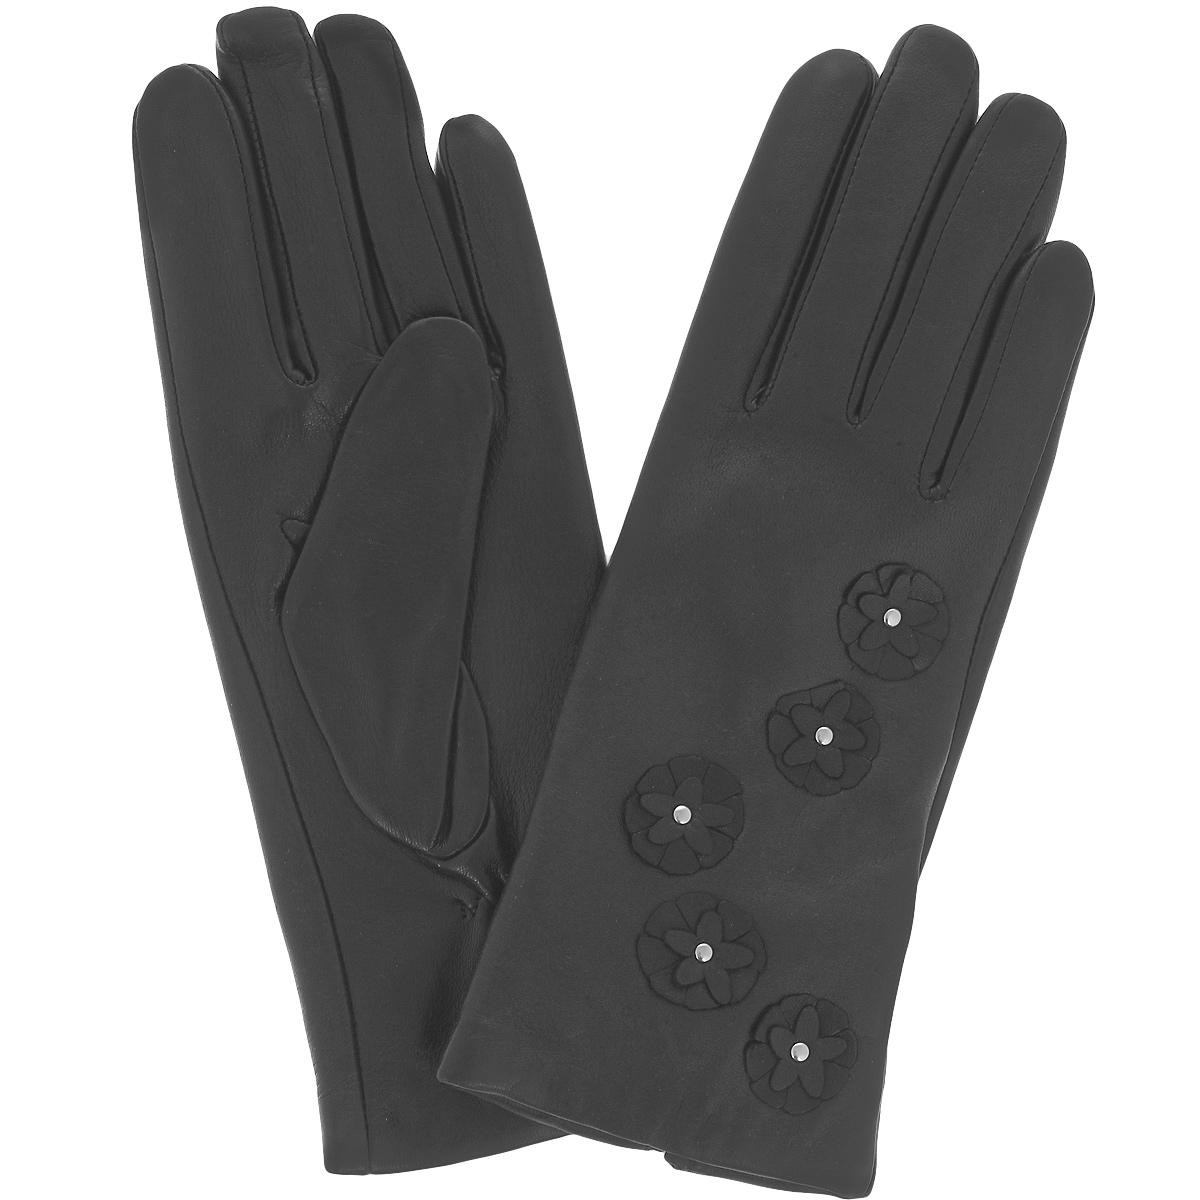 Перчатки женские Dali Exclusive, цвет: черный. 11_CAMPA/BL. Размер 6,5 перчатки женские eleganzza цвет черный is0424 размер 8